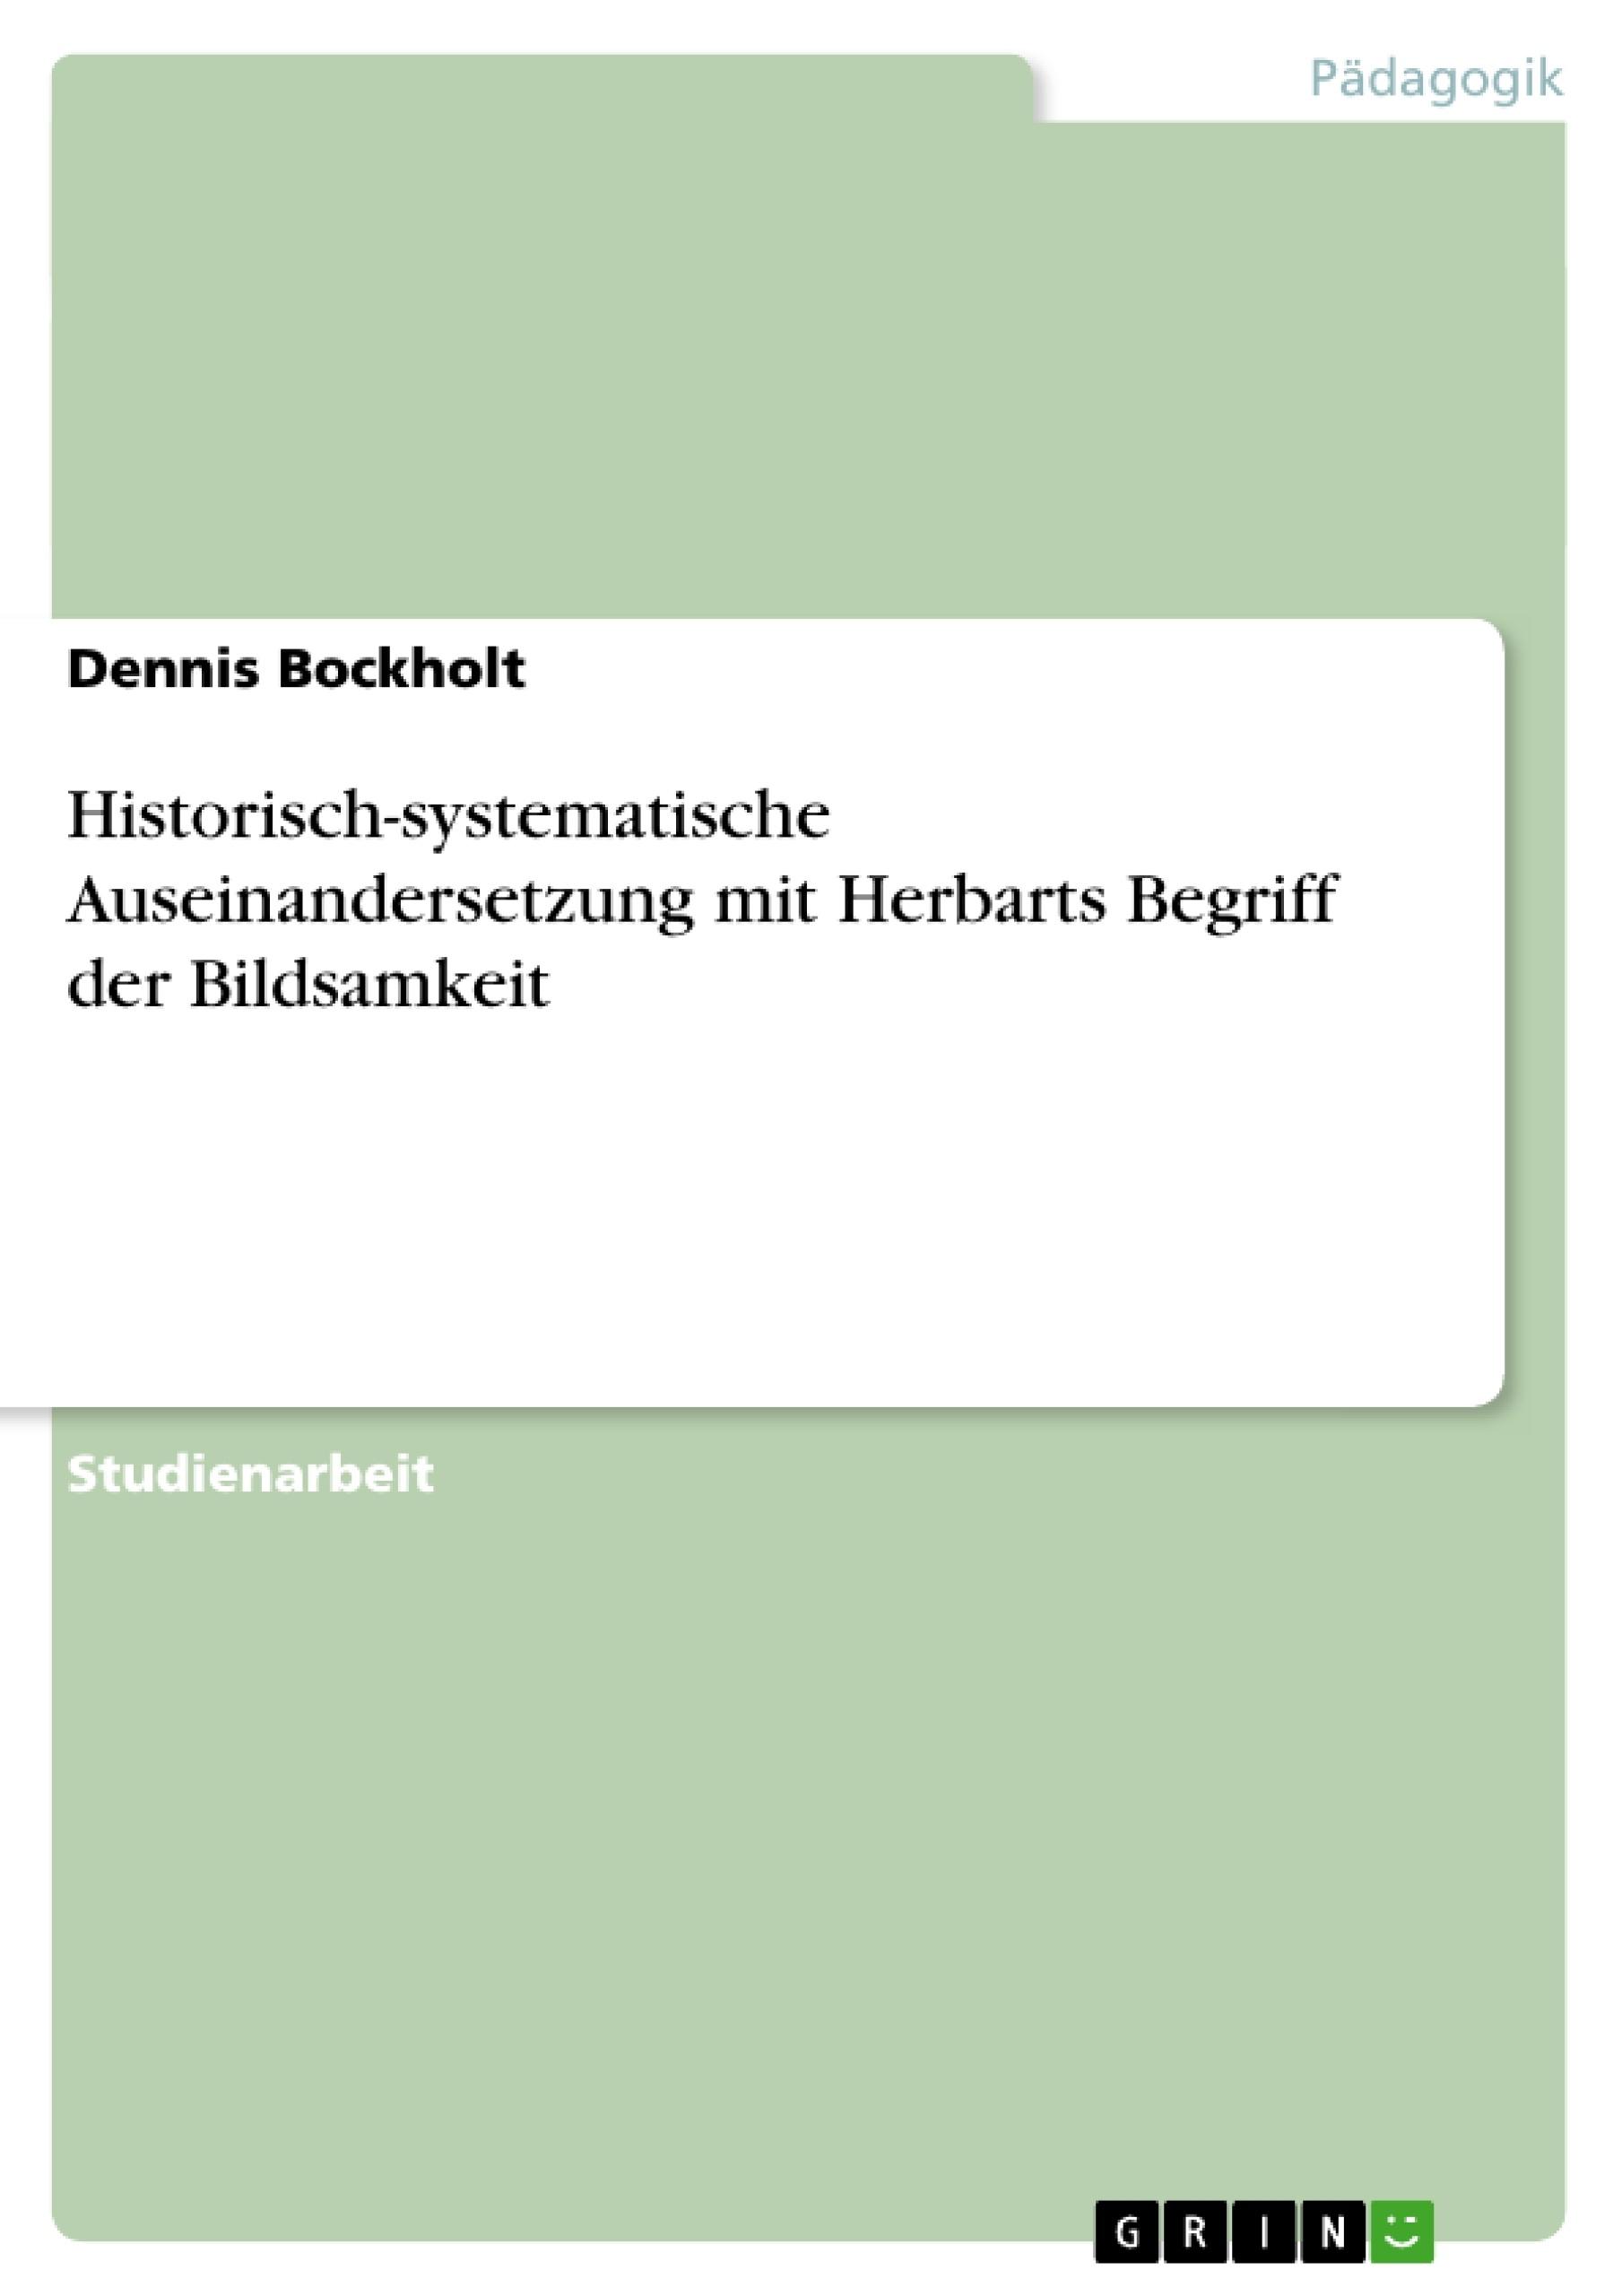 Titel: Historisch-systematische Auseinandersetzung mit Herbarts Begriff der Bildsamkeit